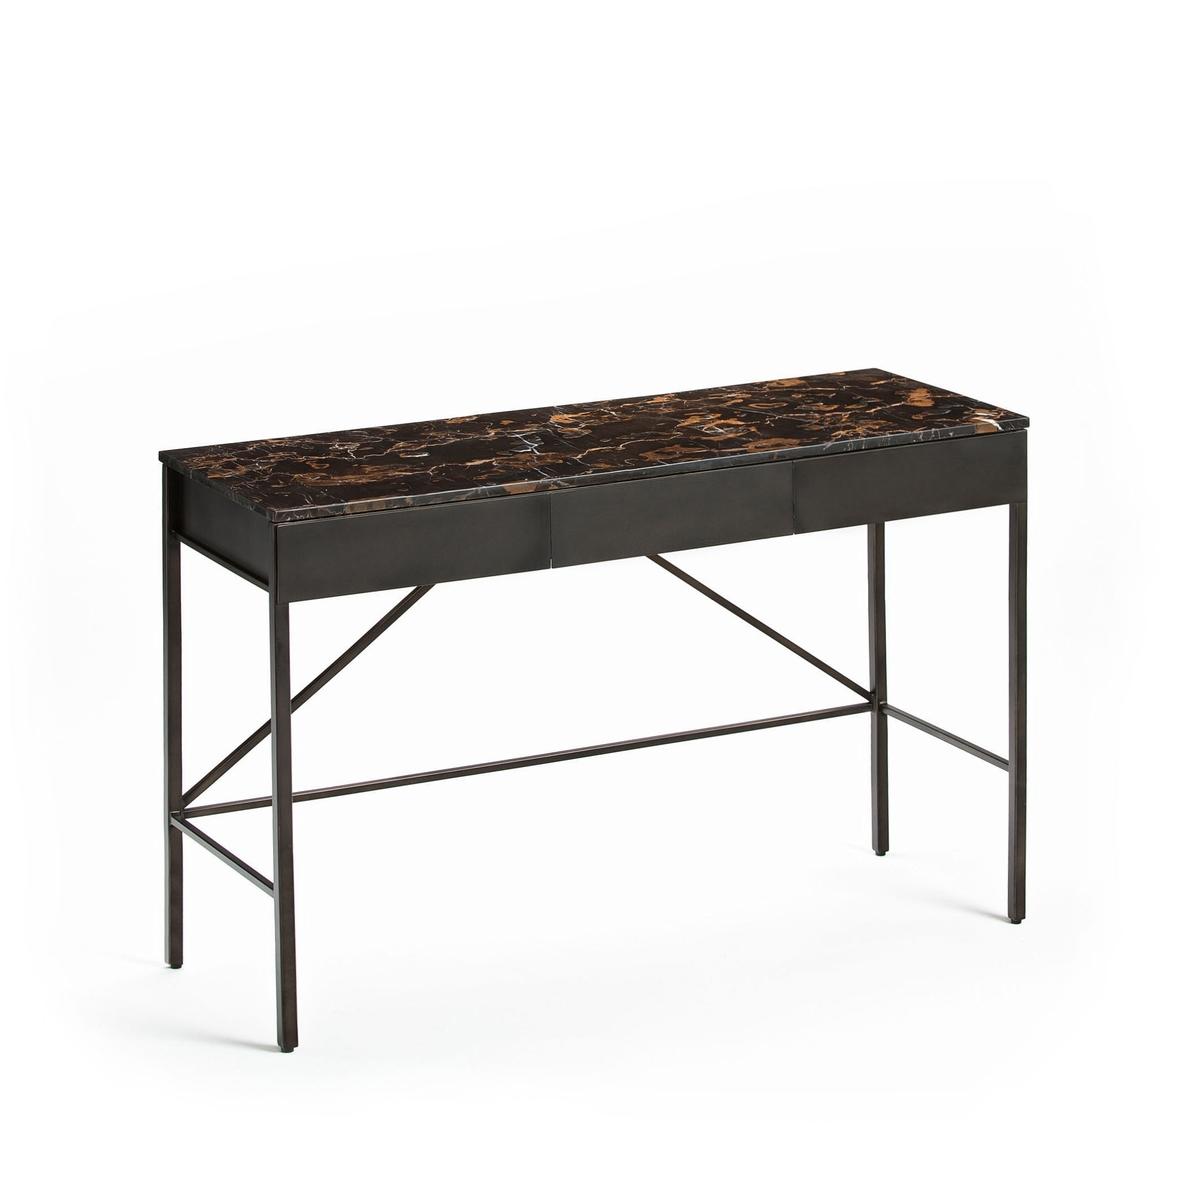 Письменный стол-консоль со столешницей из мрамора янтарного цвета, Fébée